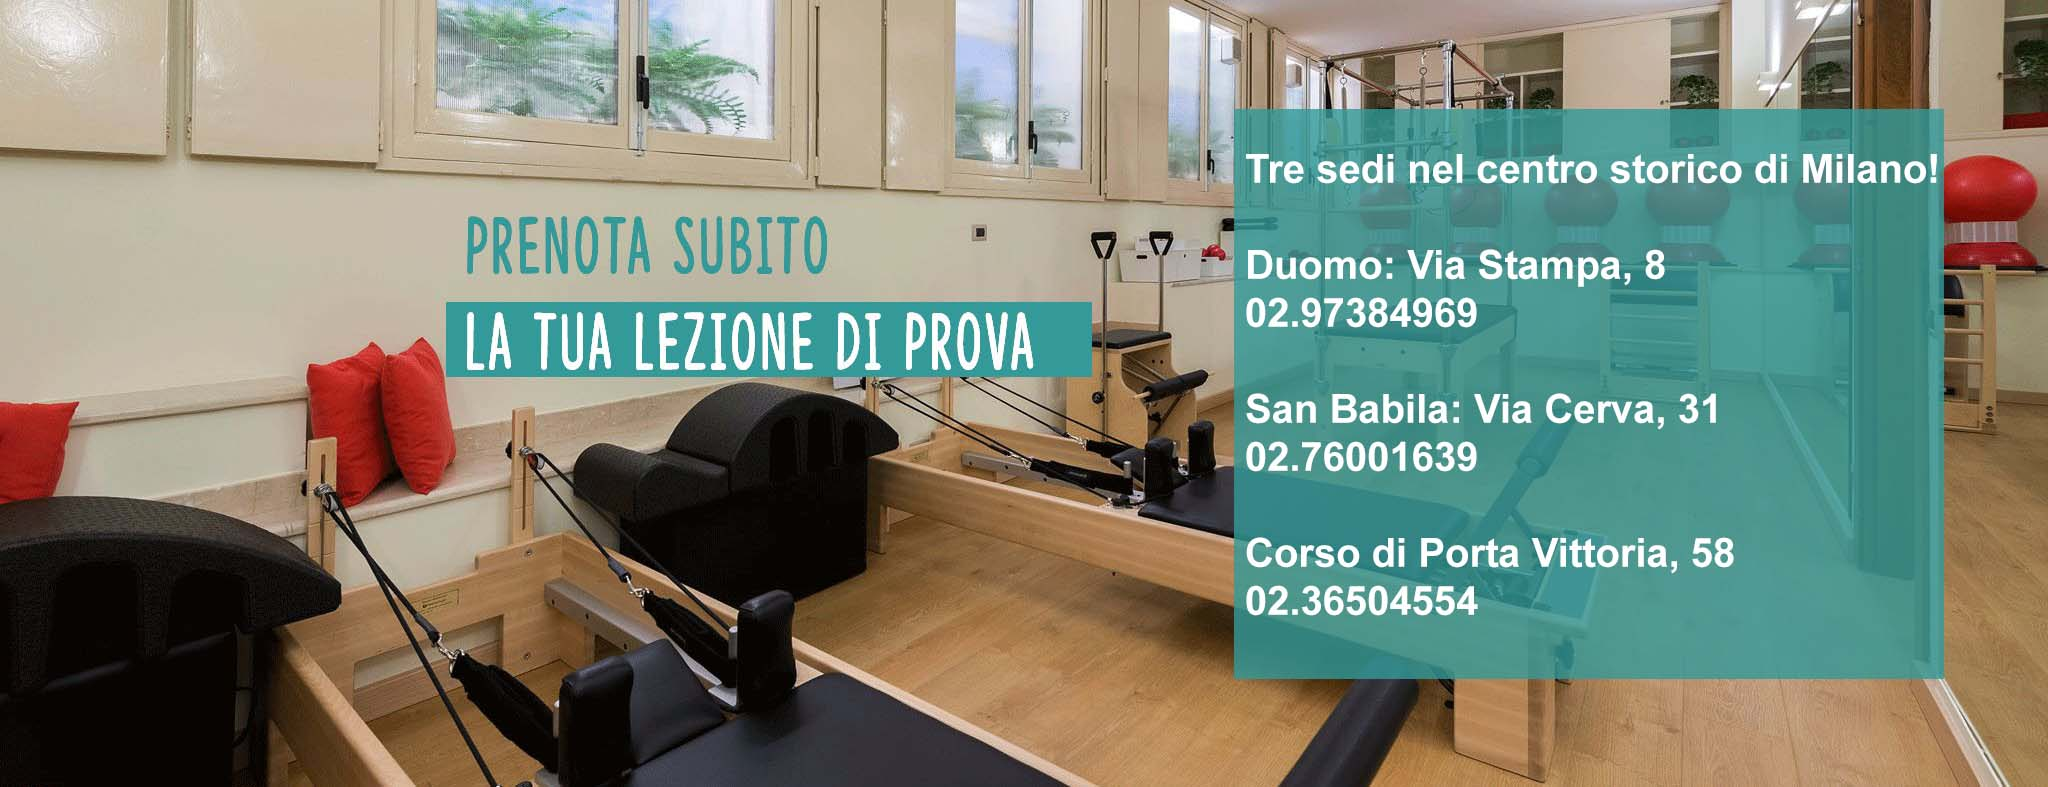 Pilates Post Parto Moncucco Milano - Prenota subito la tua lezione di prova